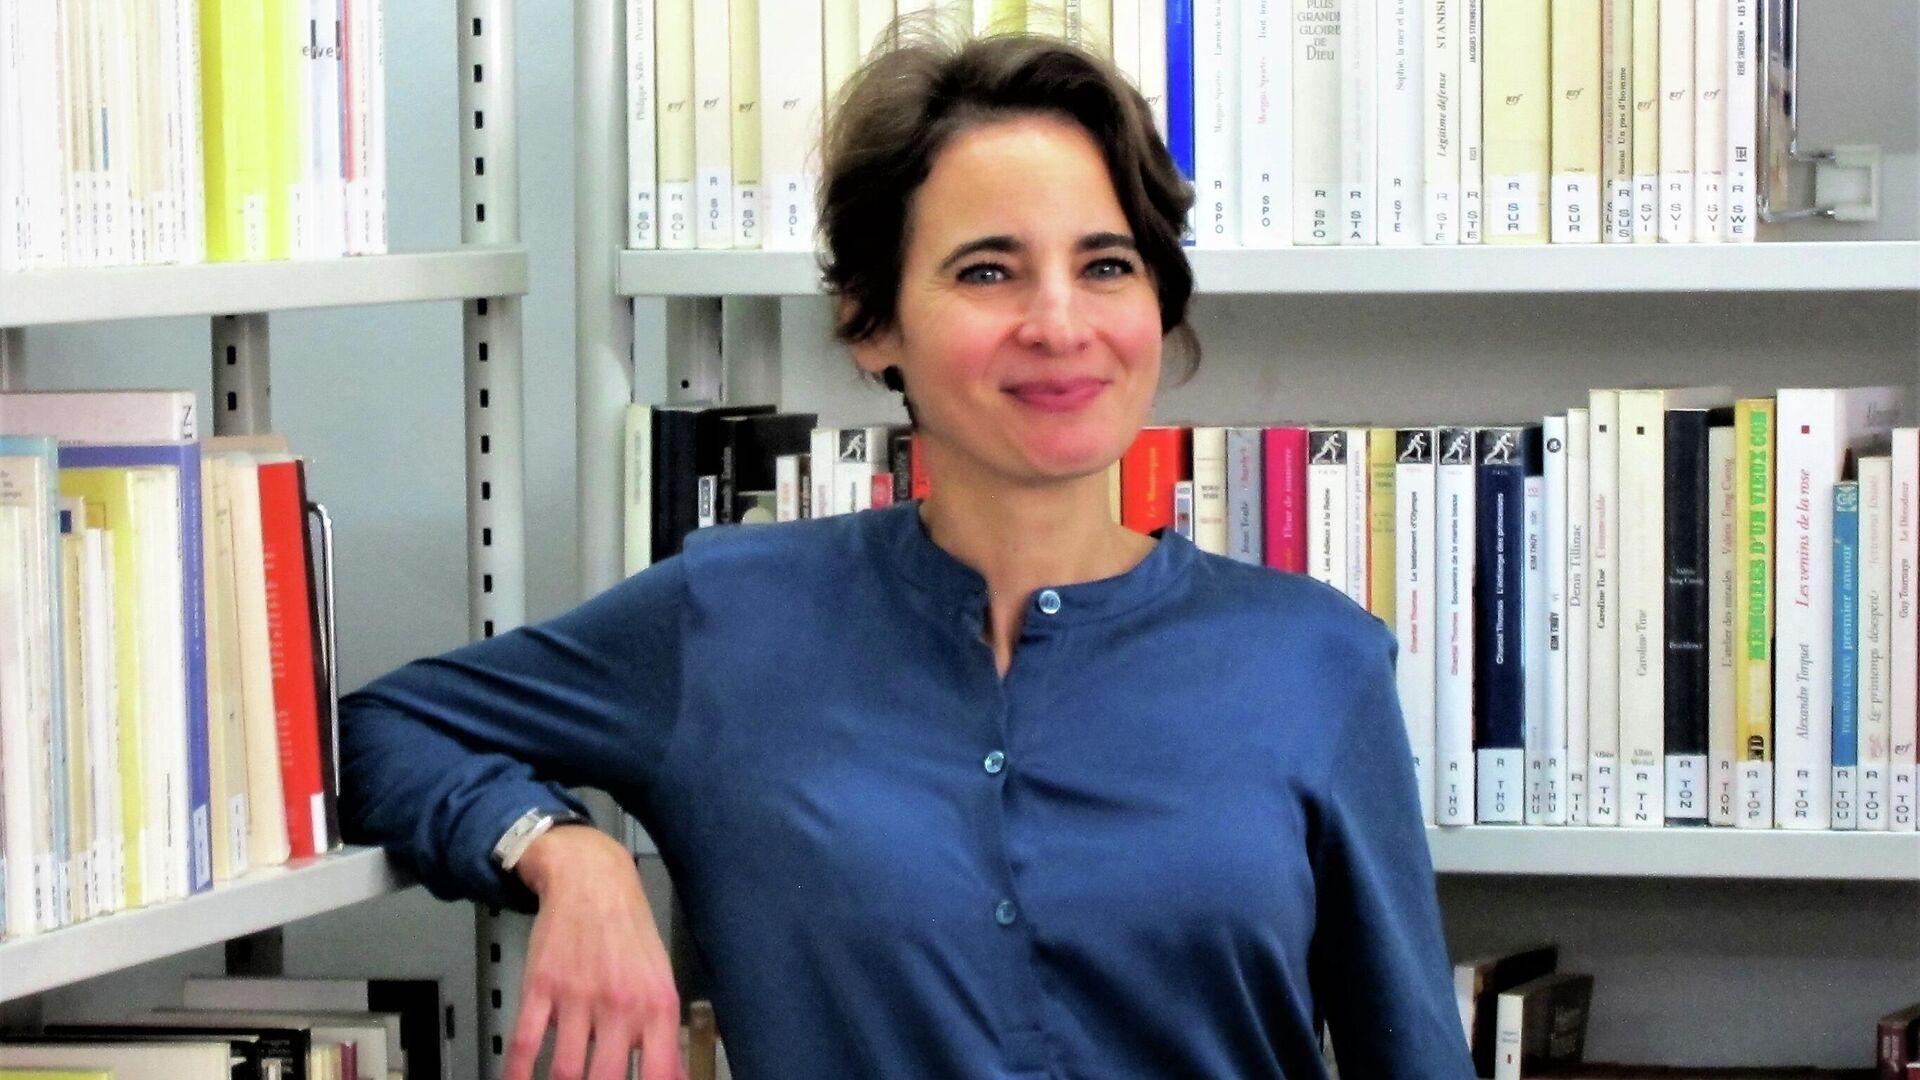 La escritora Laurence Debray en una foto de 2018 - Sputnik Mundo, 1920, 06.10.2021